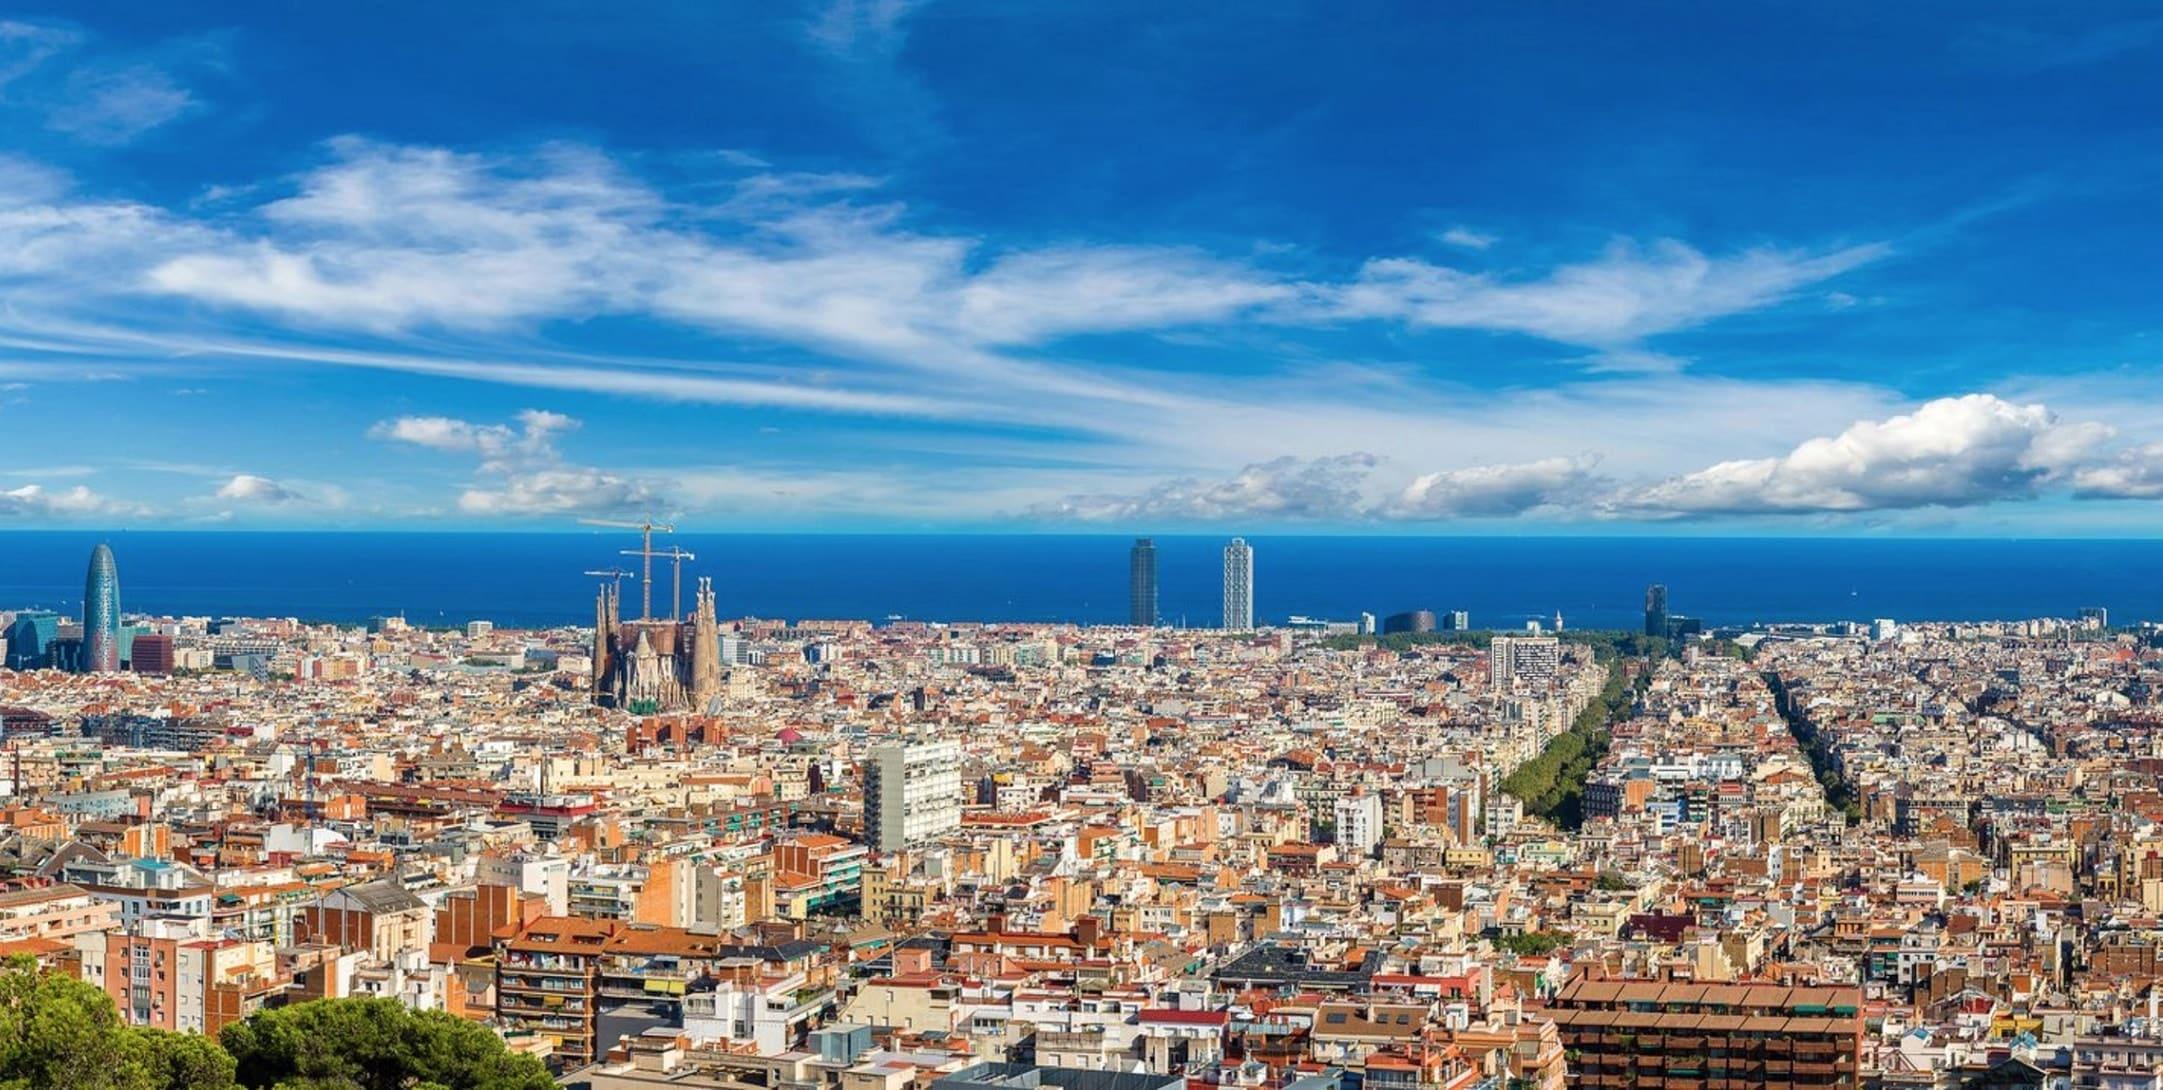 انخفاض أسعار المساكن إسبانيا